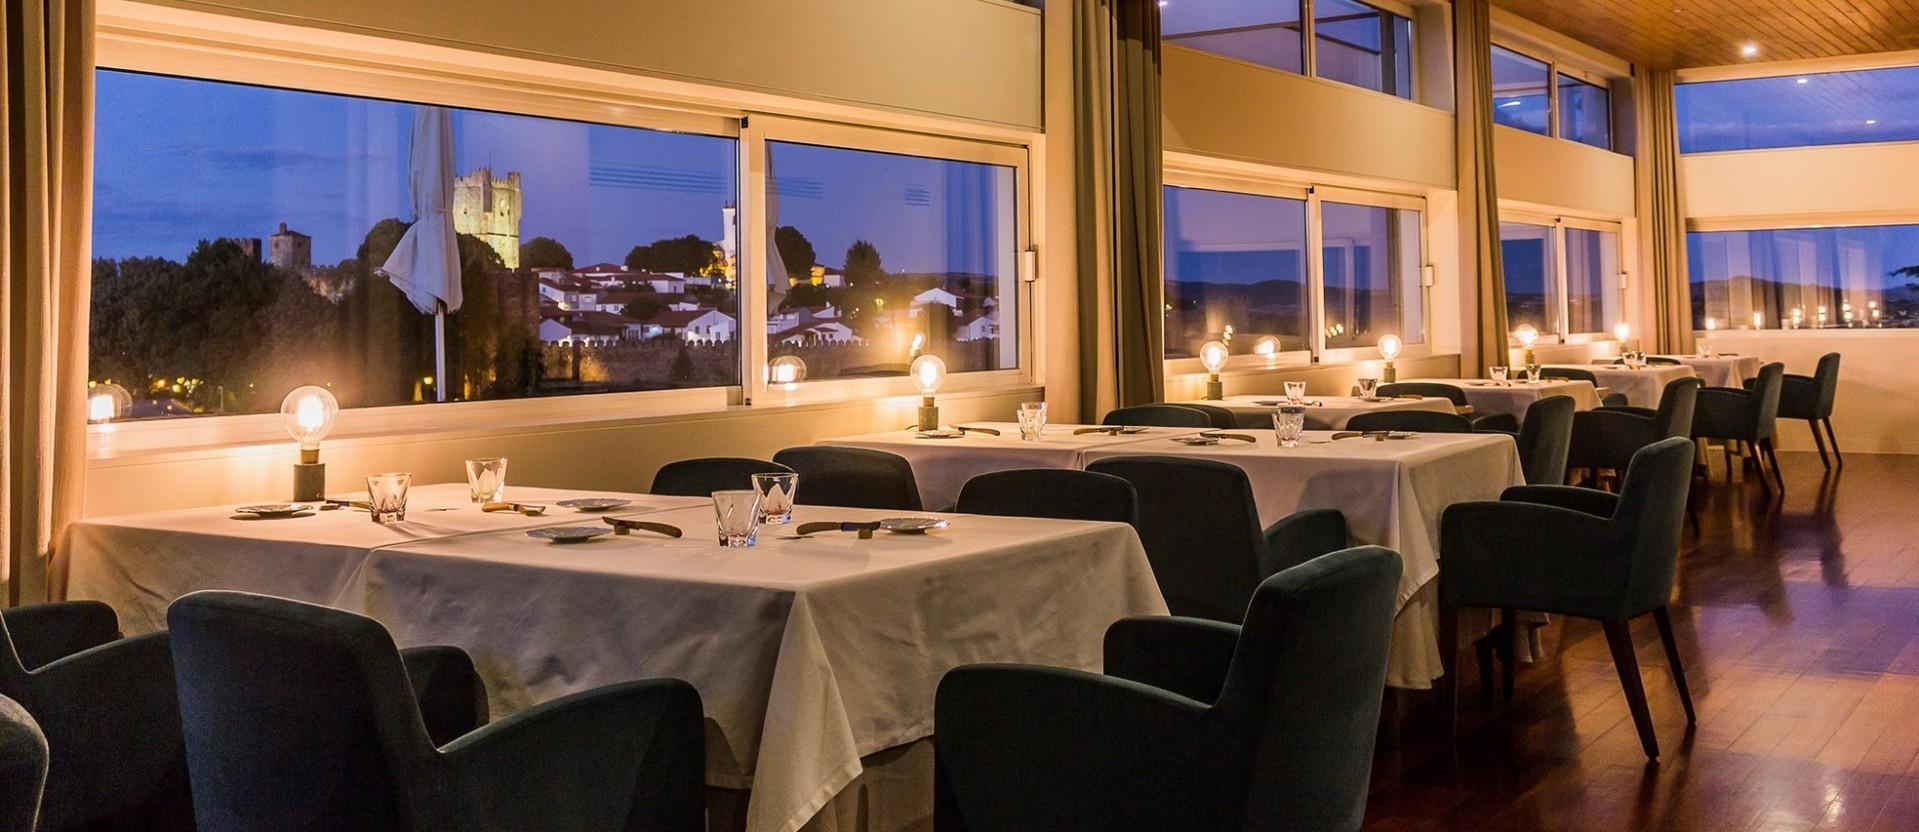 Michelin star restaurants: G restaurant michelin star restaurants Michelin star restaurants: The complete guide for 2019 Michelin star restaurants 7